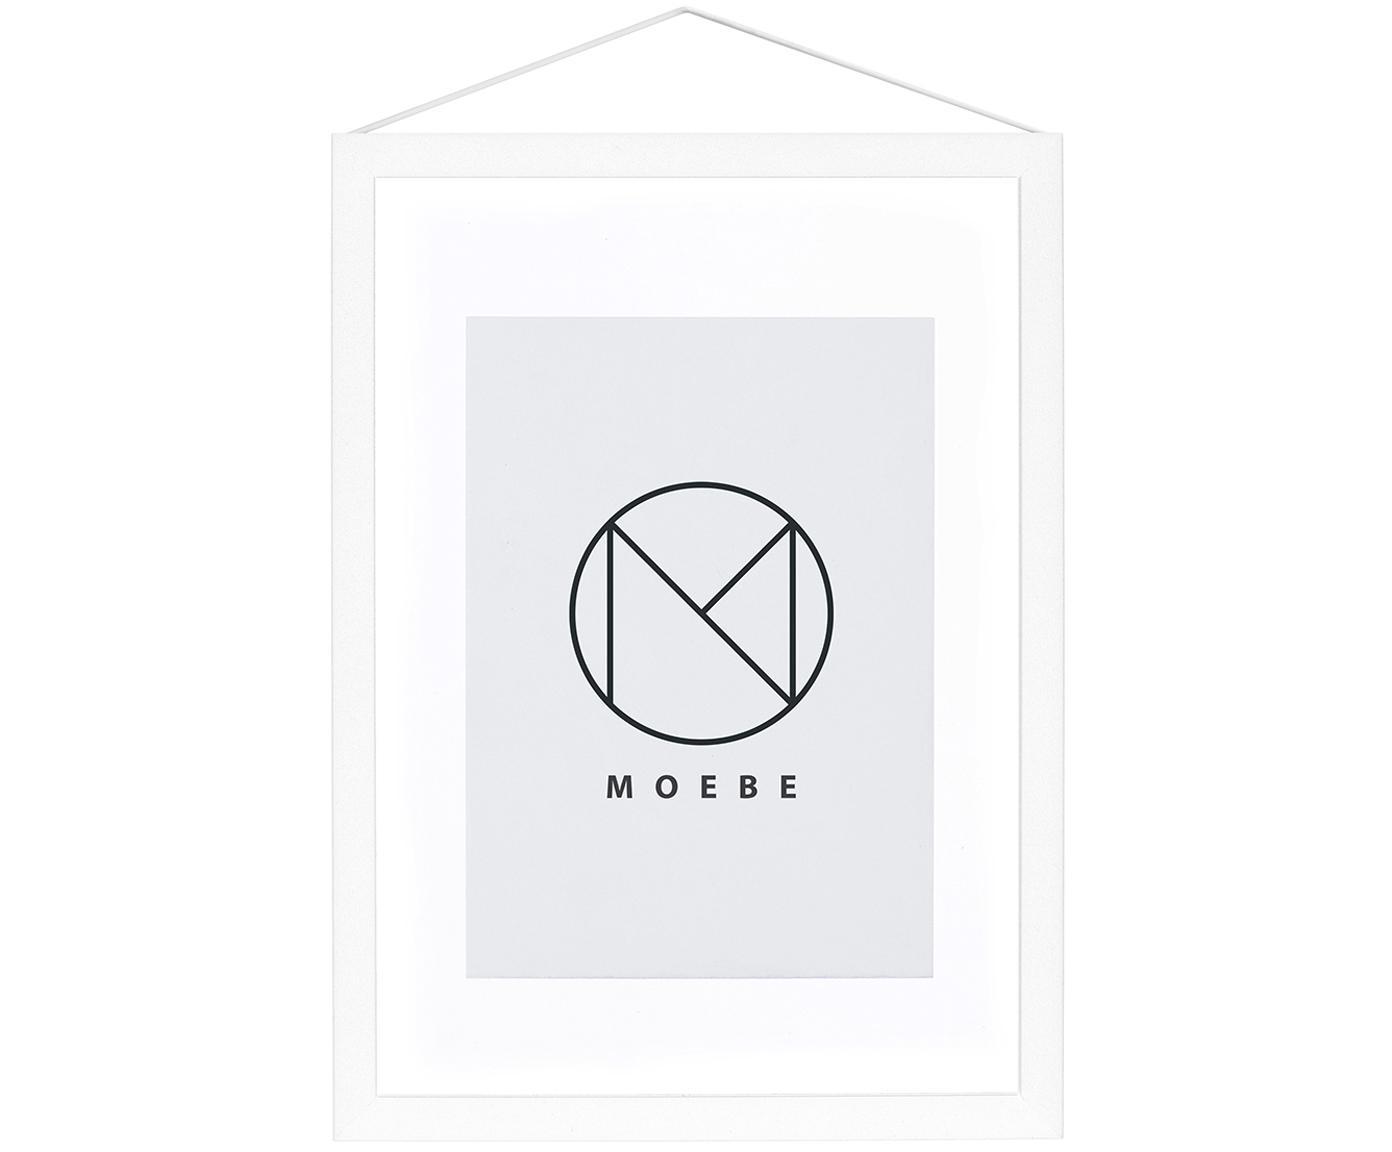 Fotolijstje Frame, Frame: gepoedercoat aluminium, Frame: wit. Ophanging: zwart. Front en achterkant: transparant, 17 x 23 cm